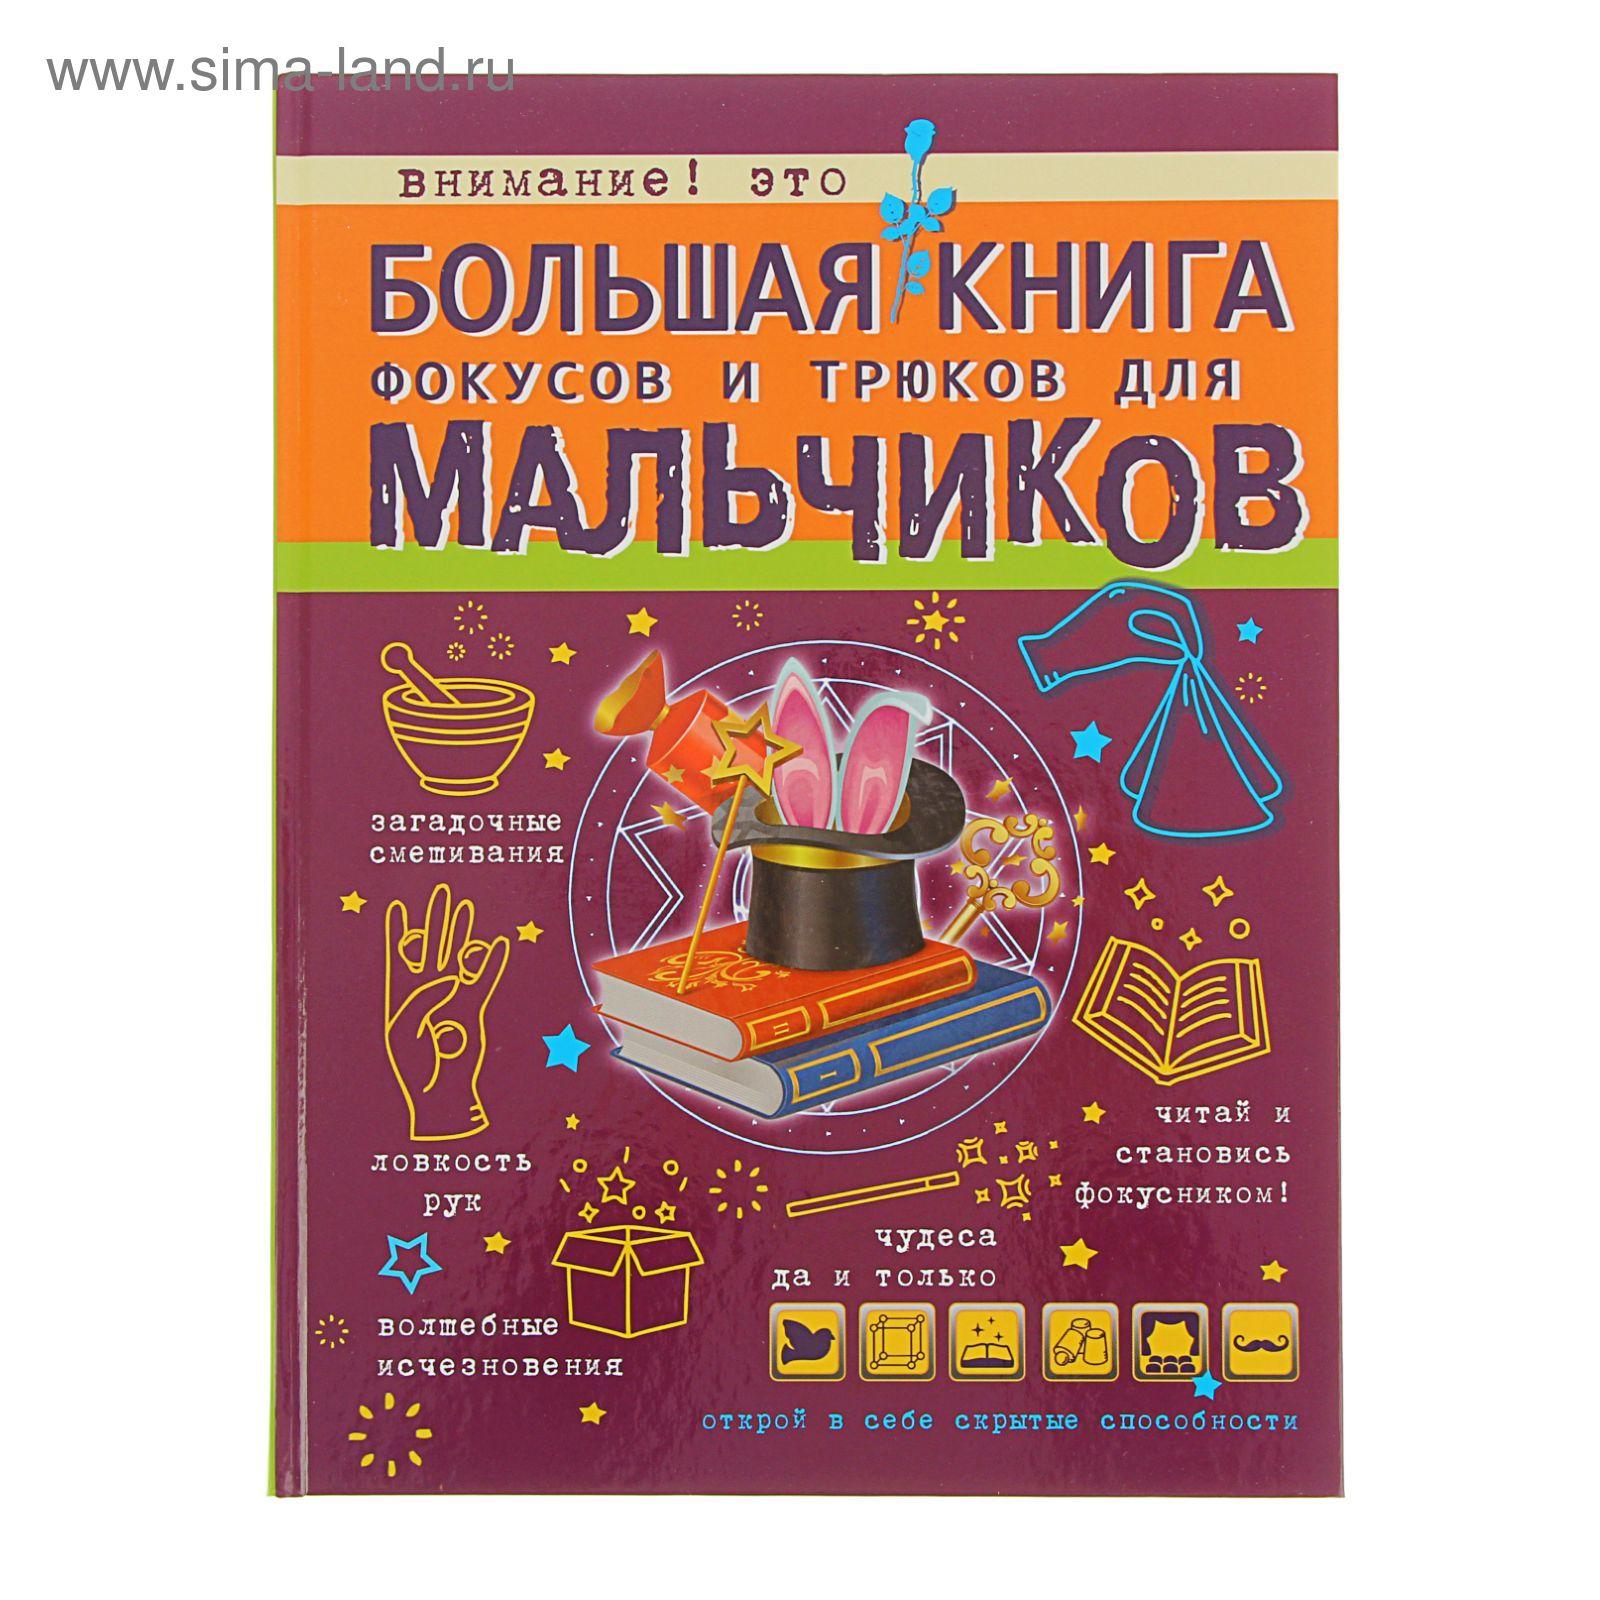 Большая книга фокусов и трюков для мальчиков (1712726 ...